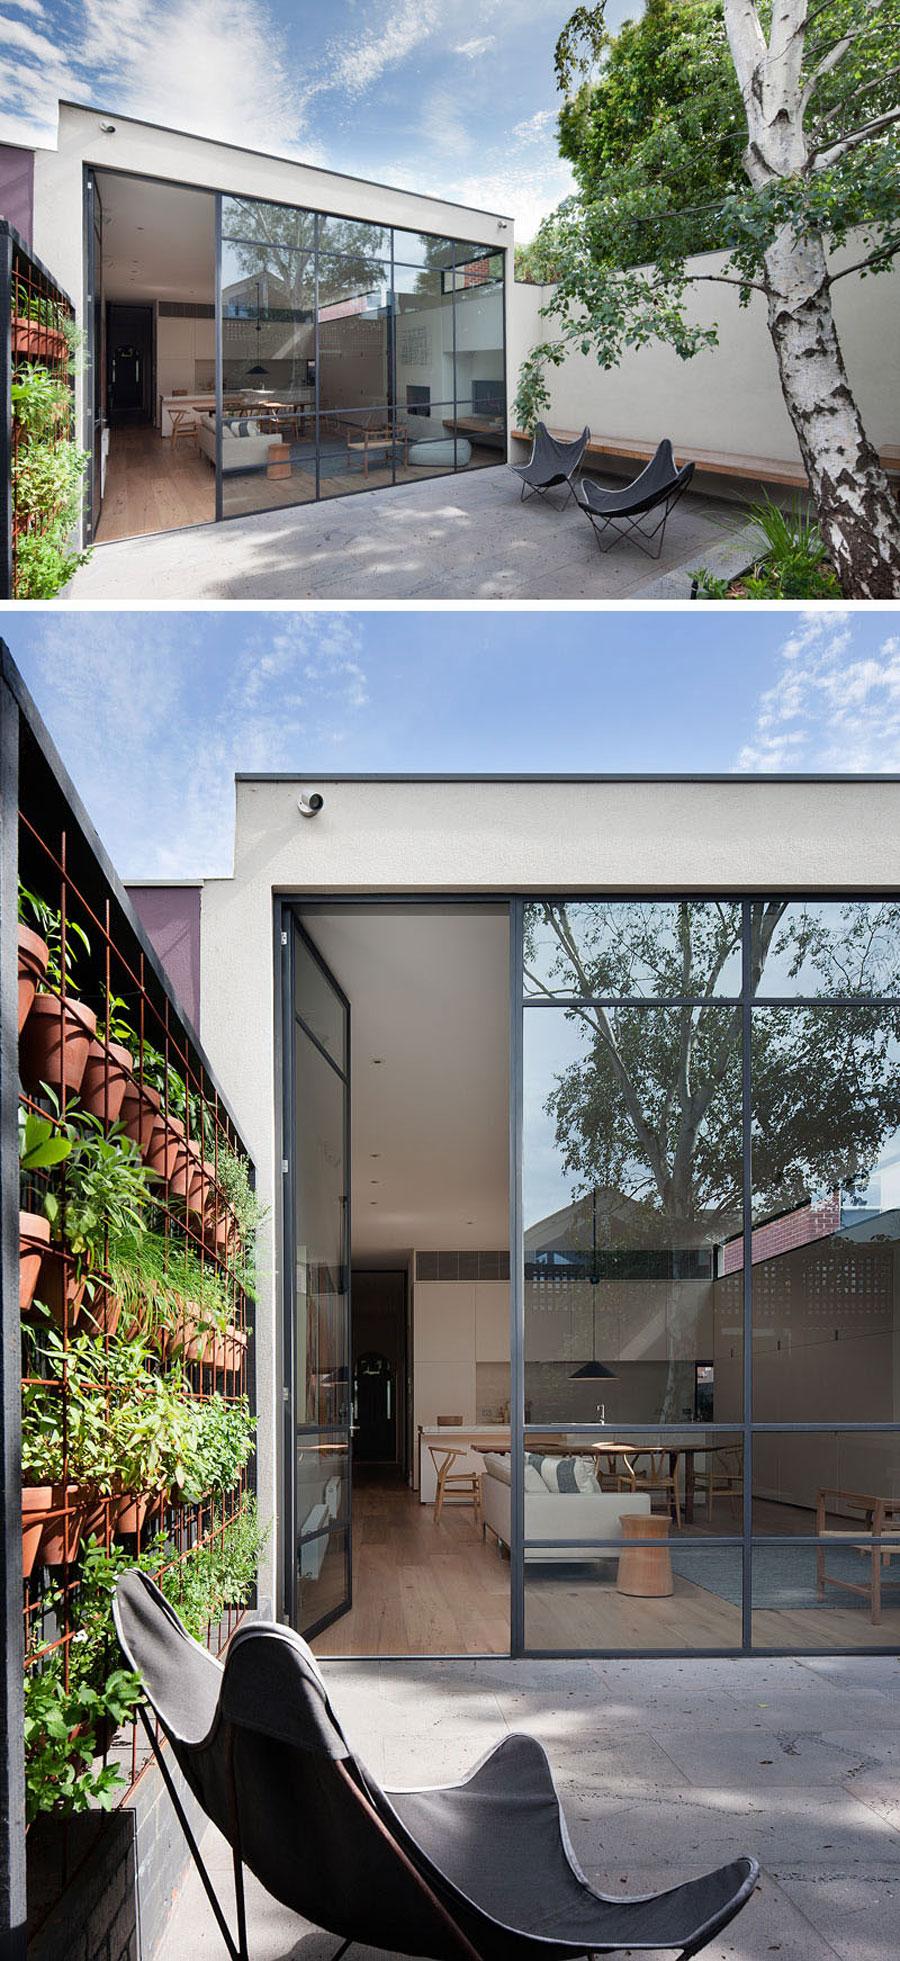 Deze intieme tuin is zowel visueel als fysiek een verlengde van het huis